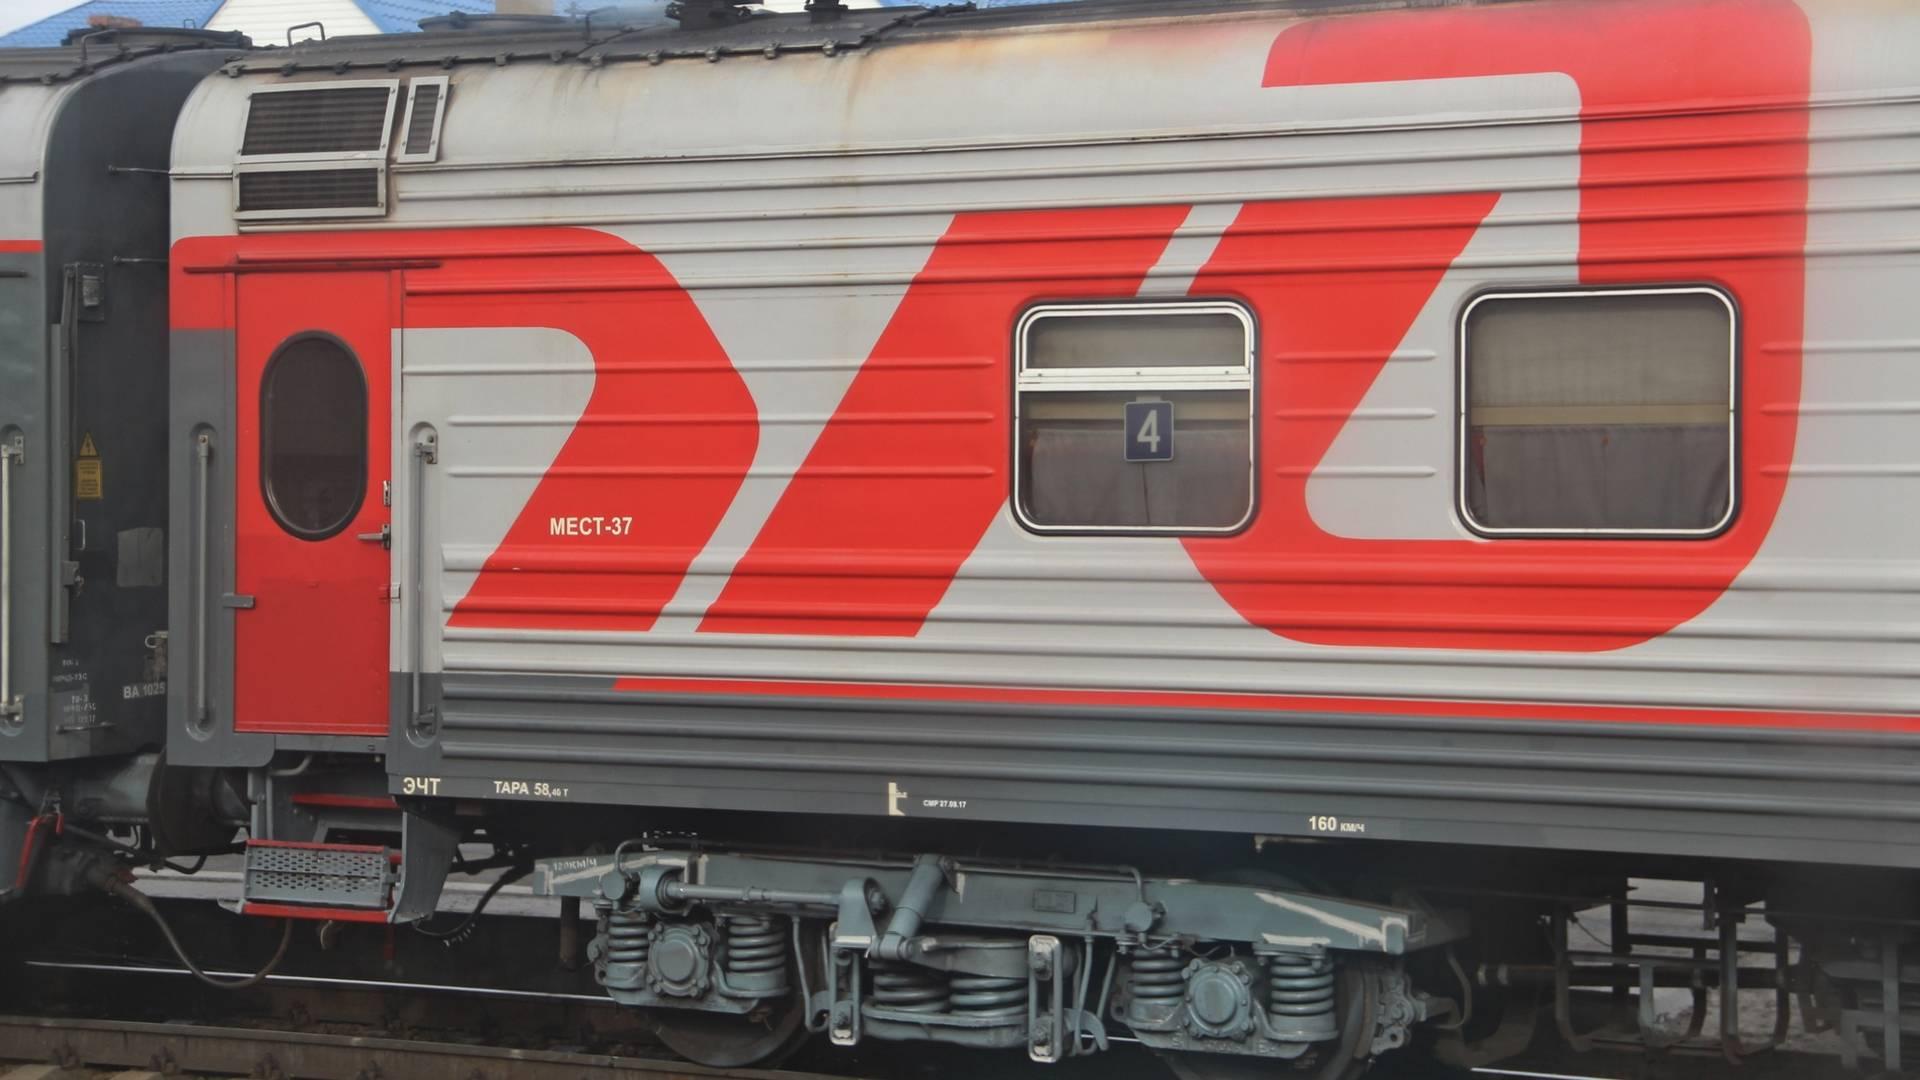 Надпись РЖД на вагоне